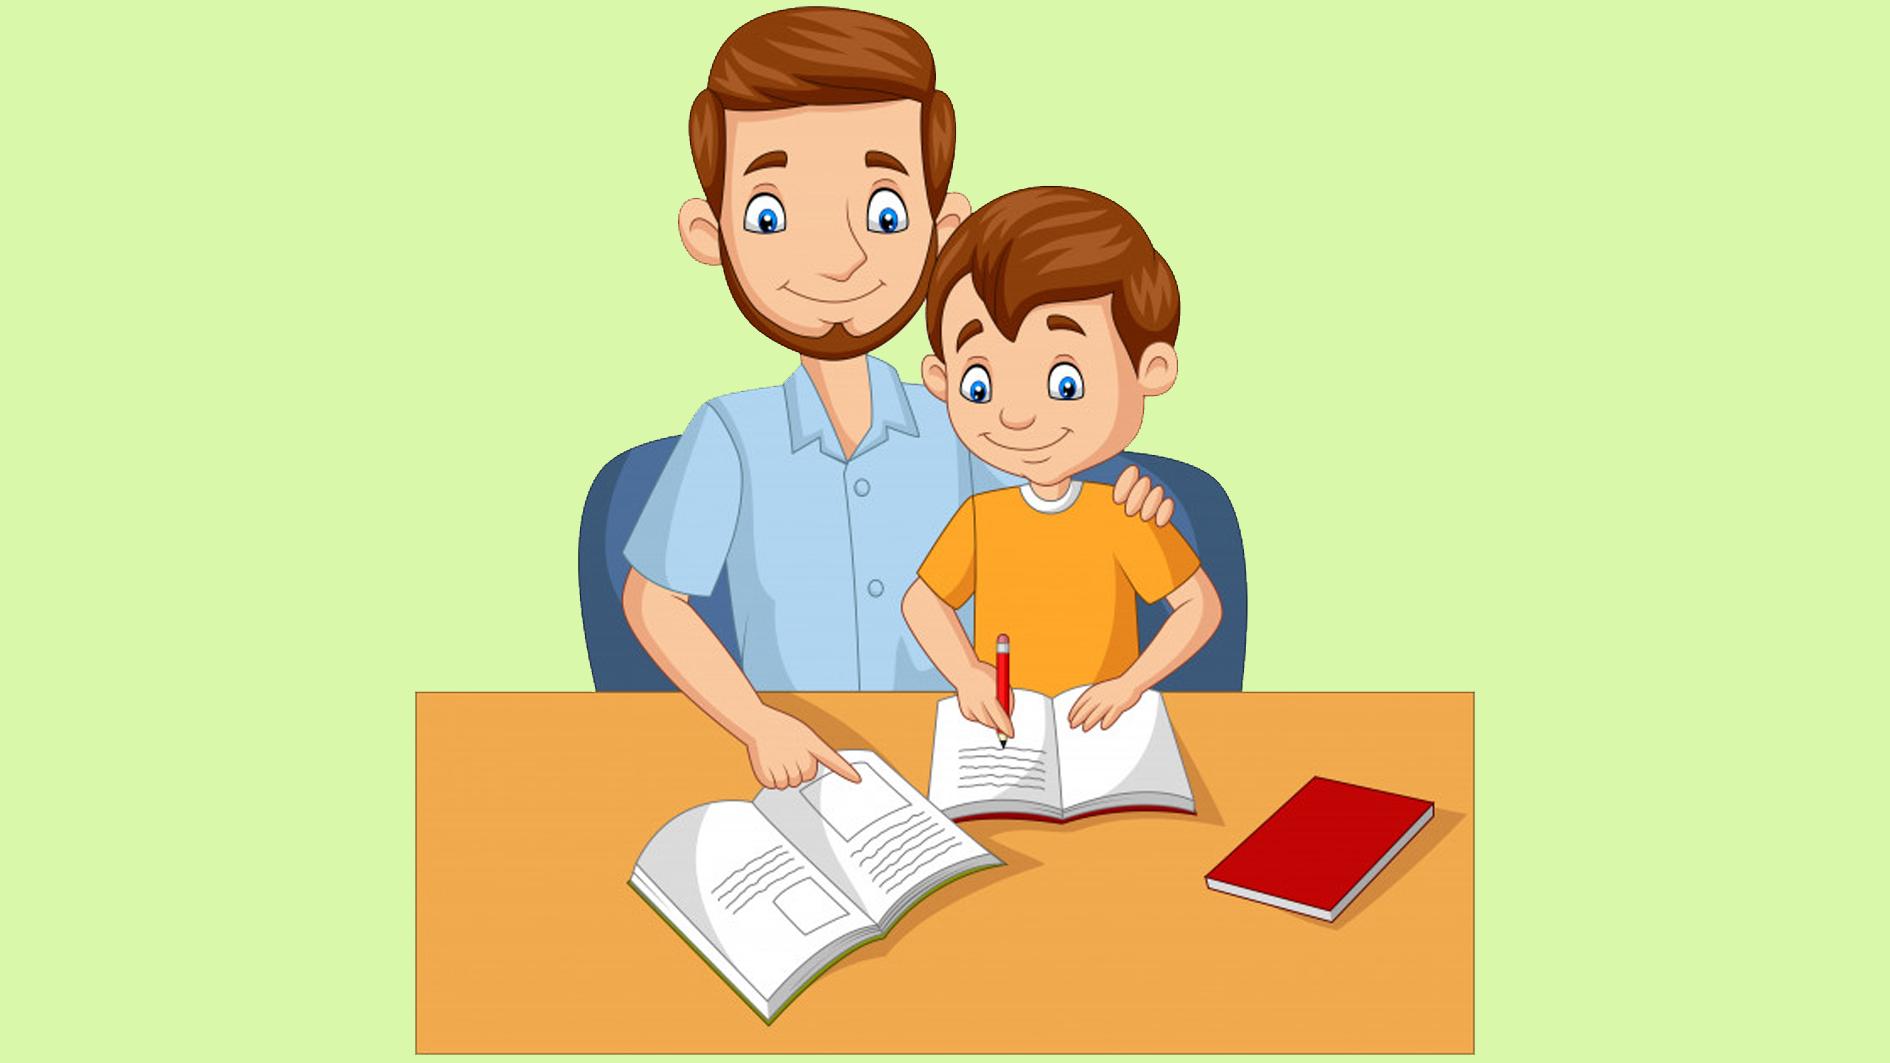 padre y niño escribiendo